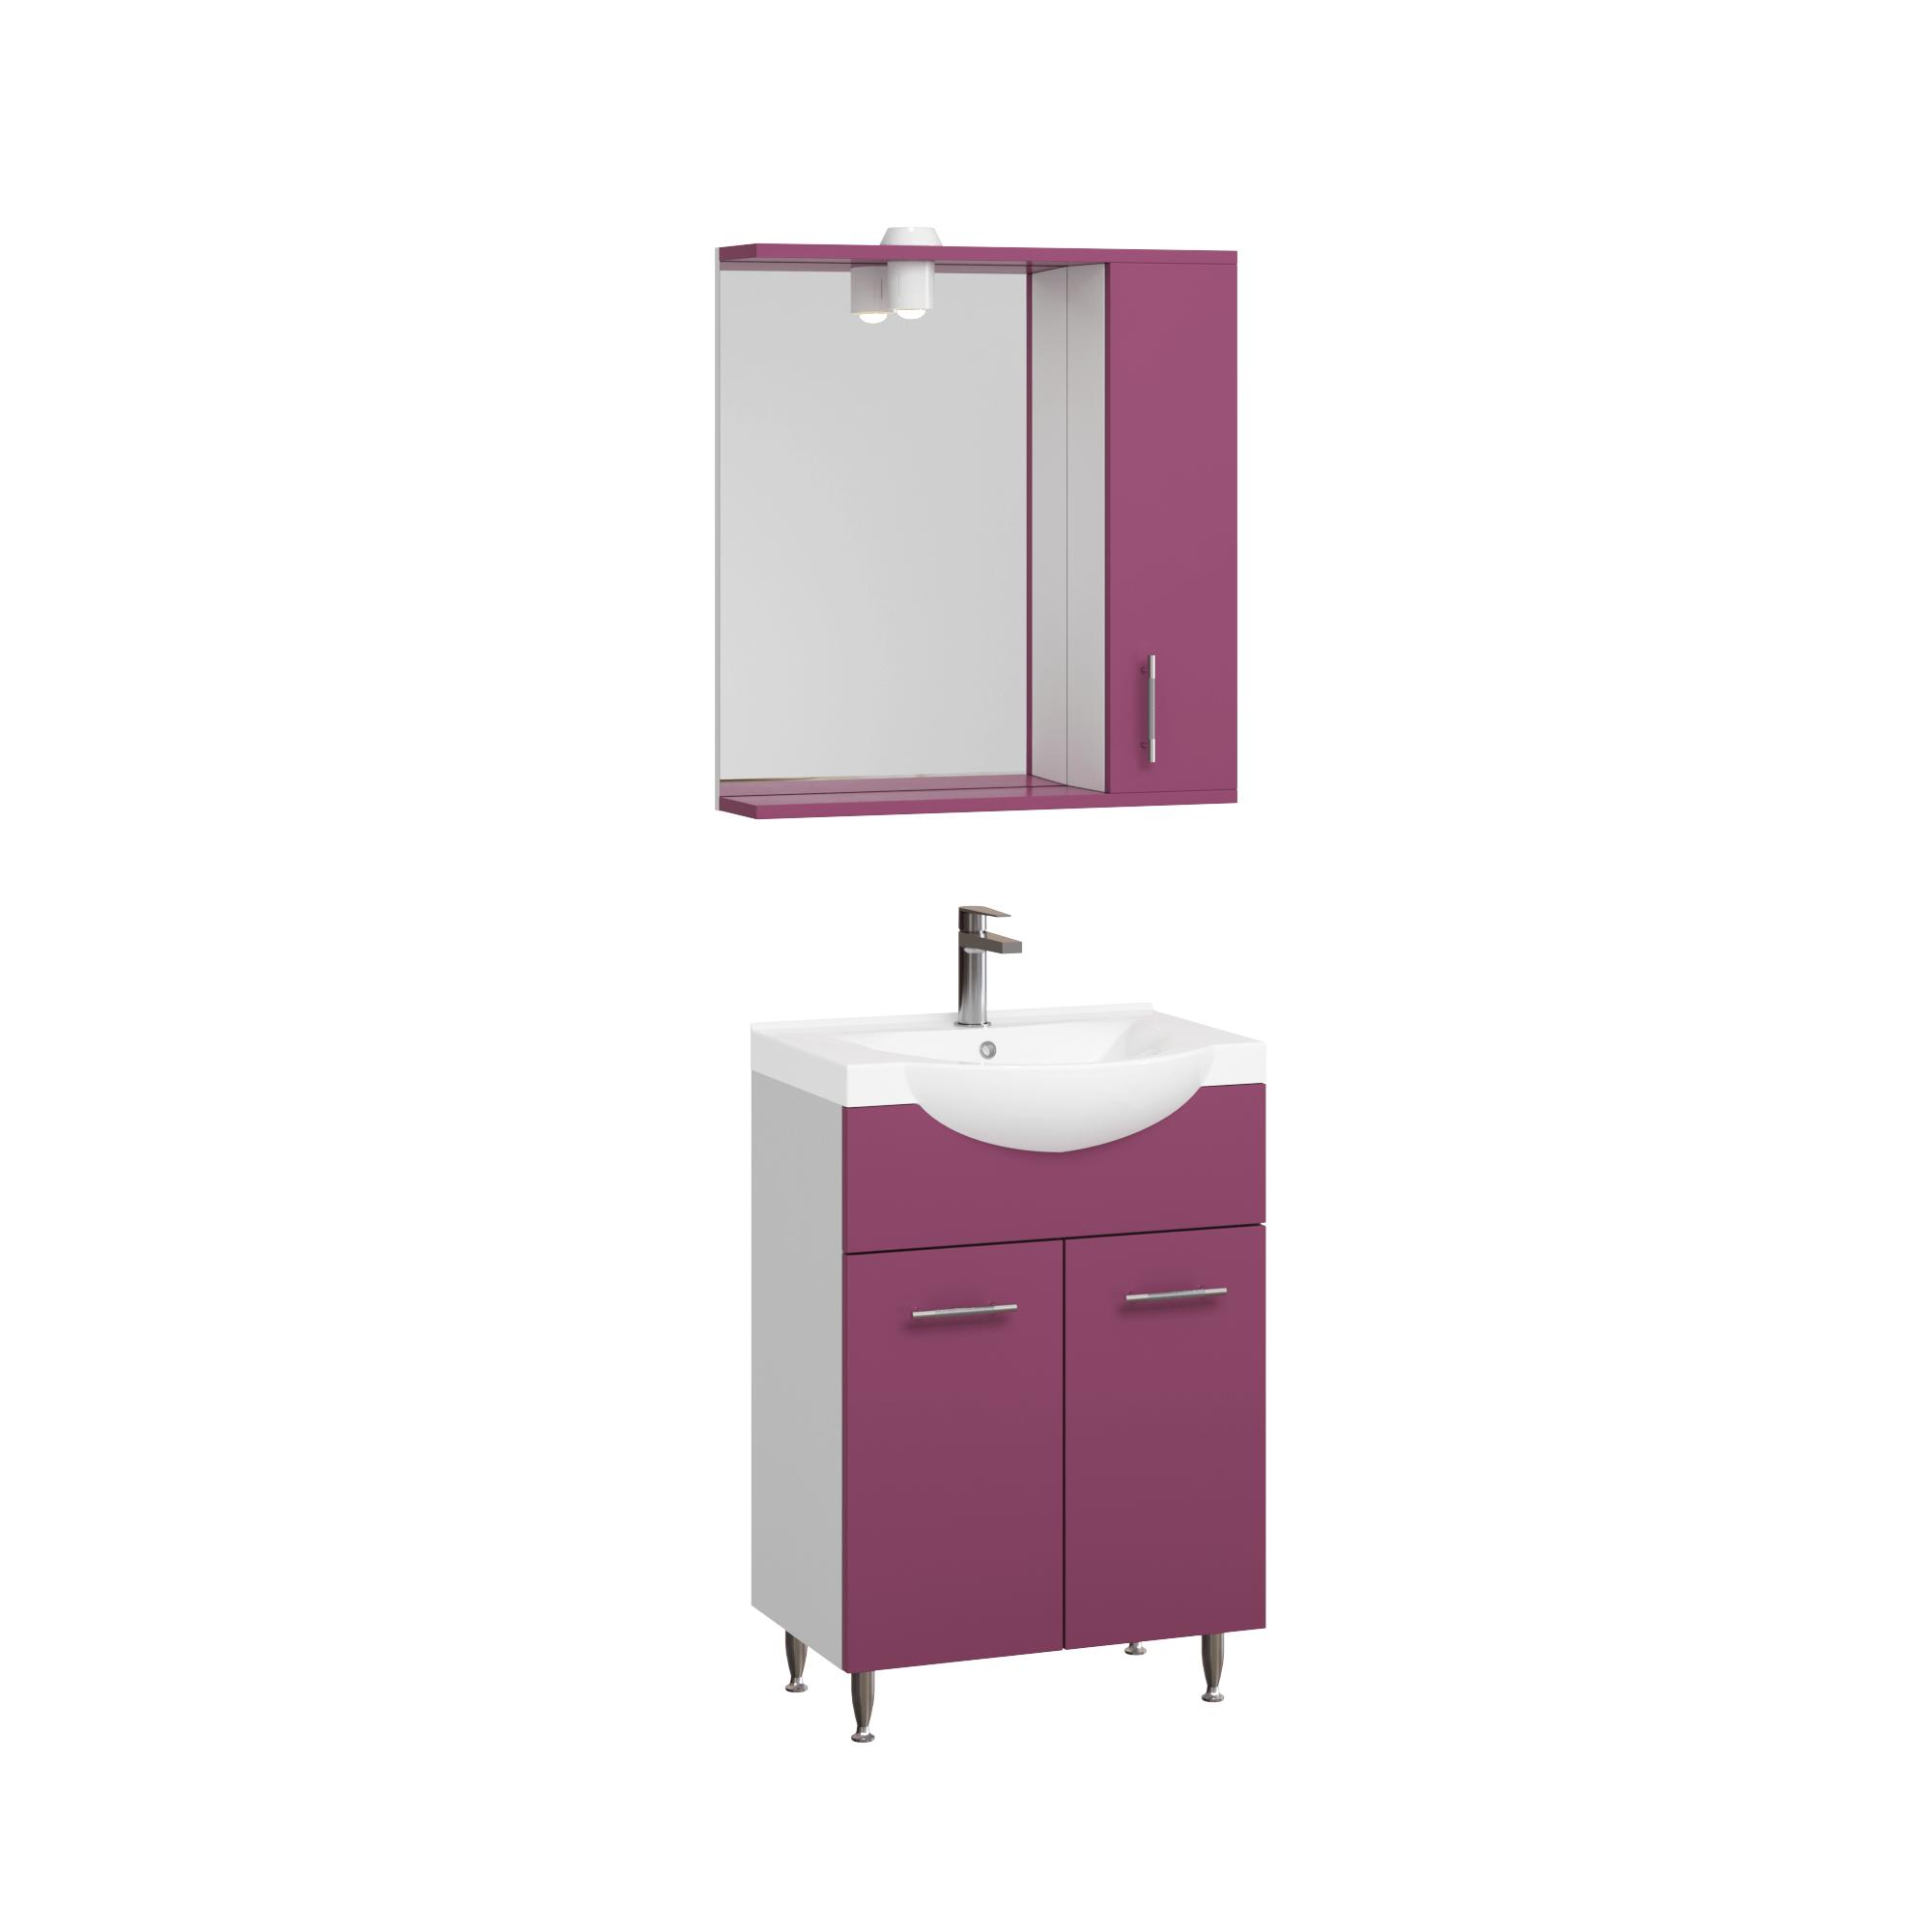 Set mobila baie Badenmob Seria 153, PAL + MDF, baza, lavoar, oglinda, violet, 55 cm imagine 2021 mathaus